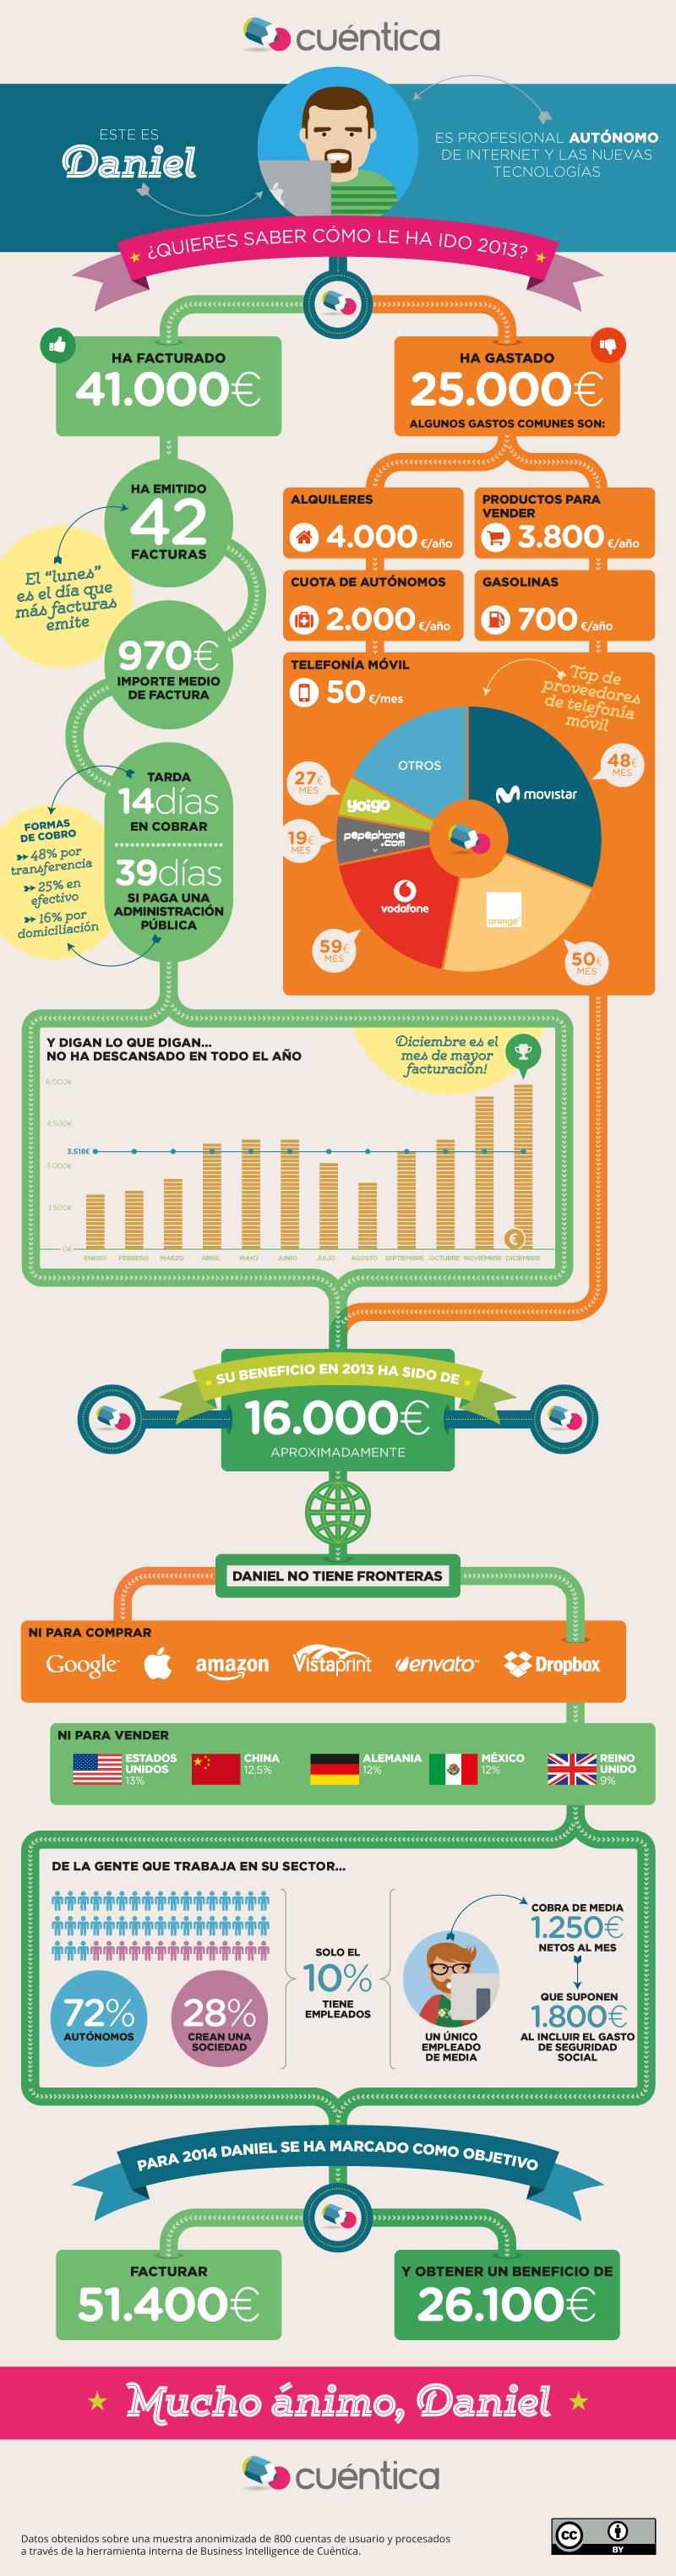 Infografía Cuéntica - Autónomos 2013